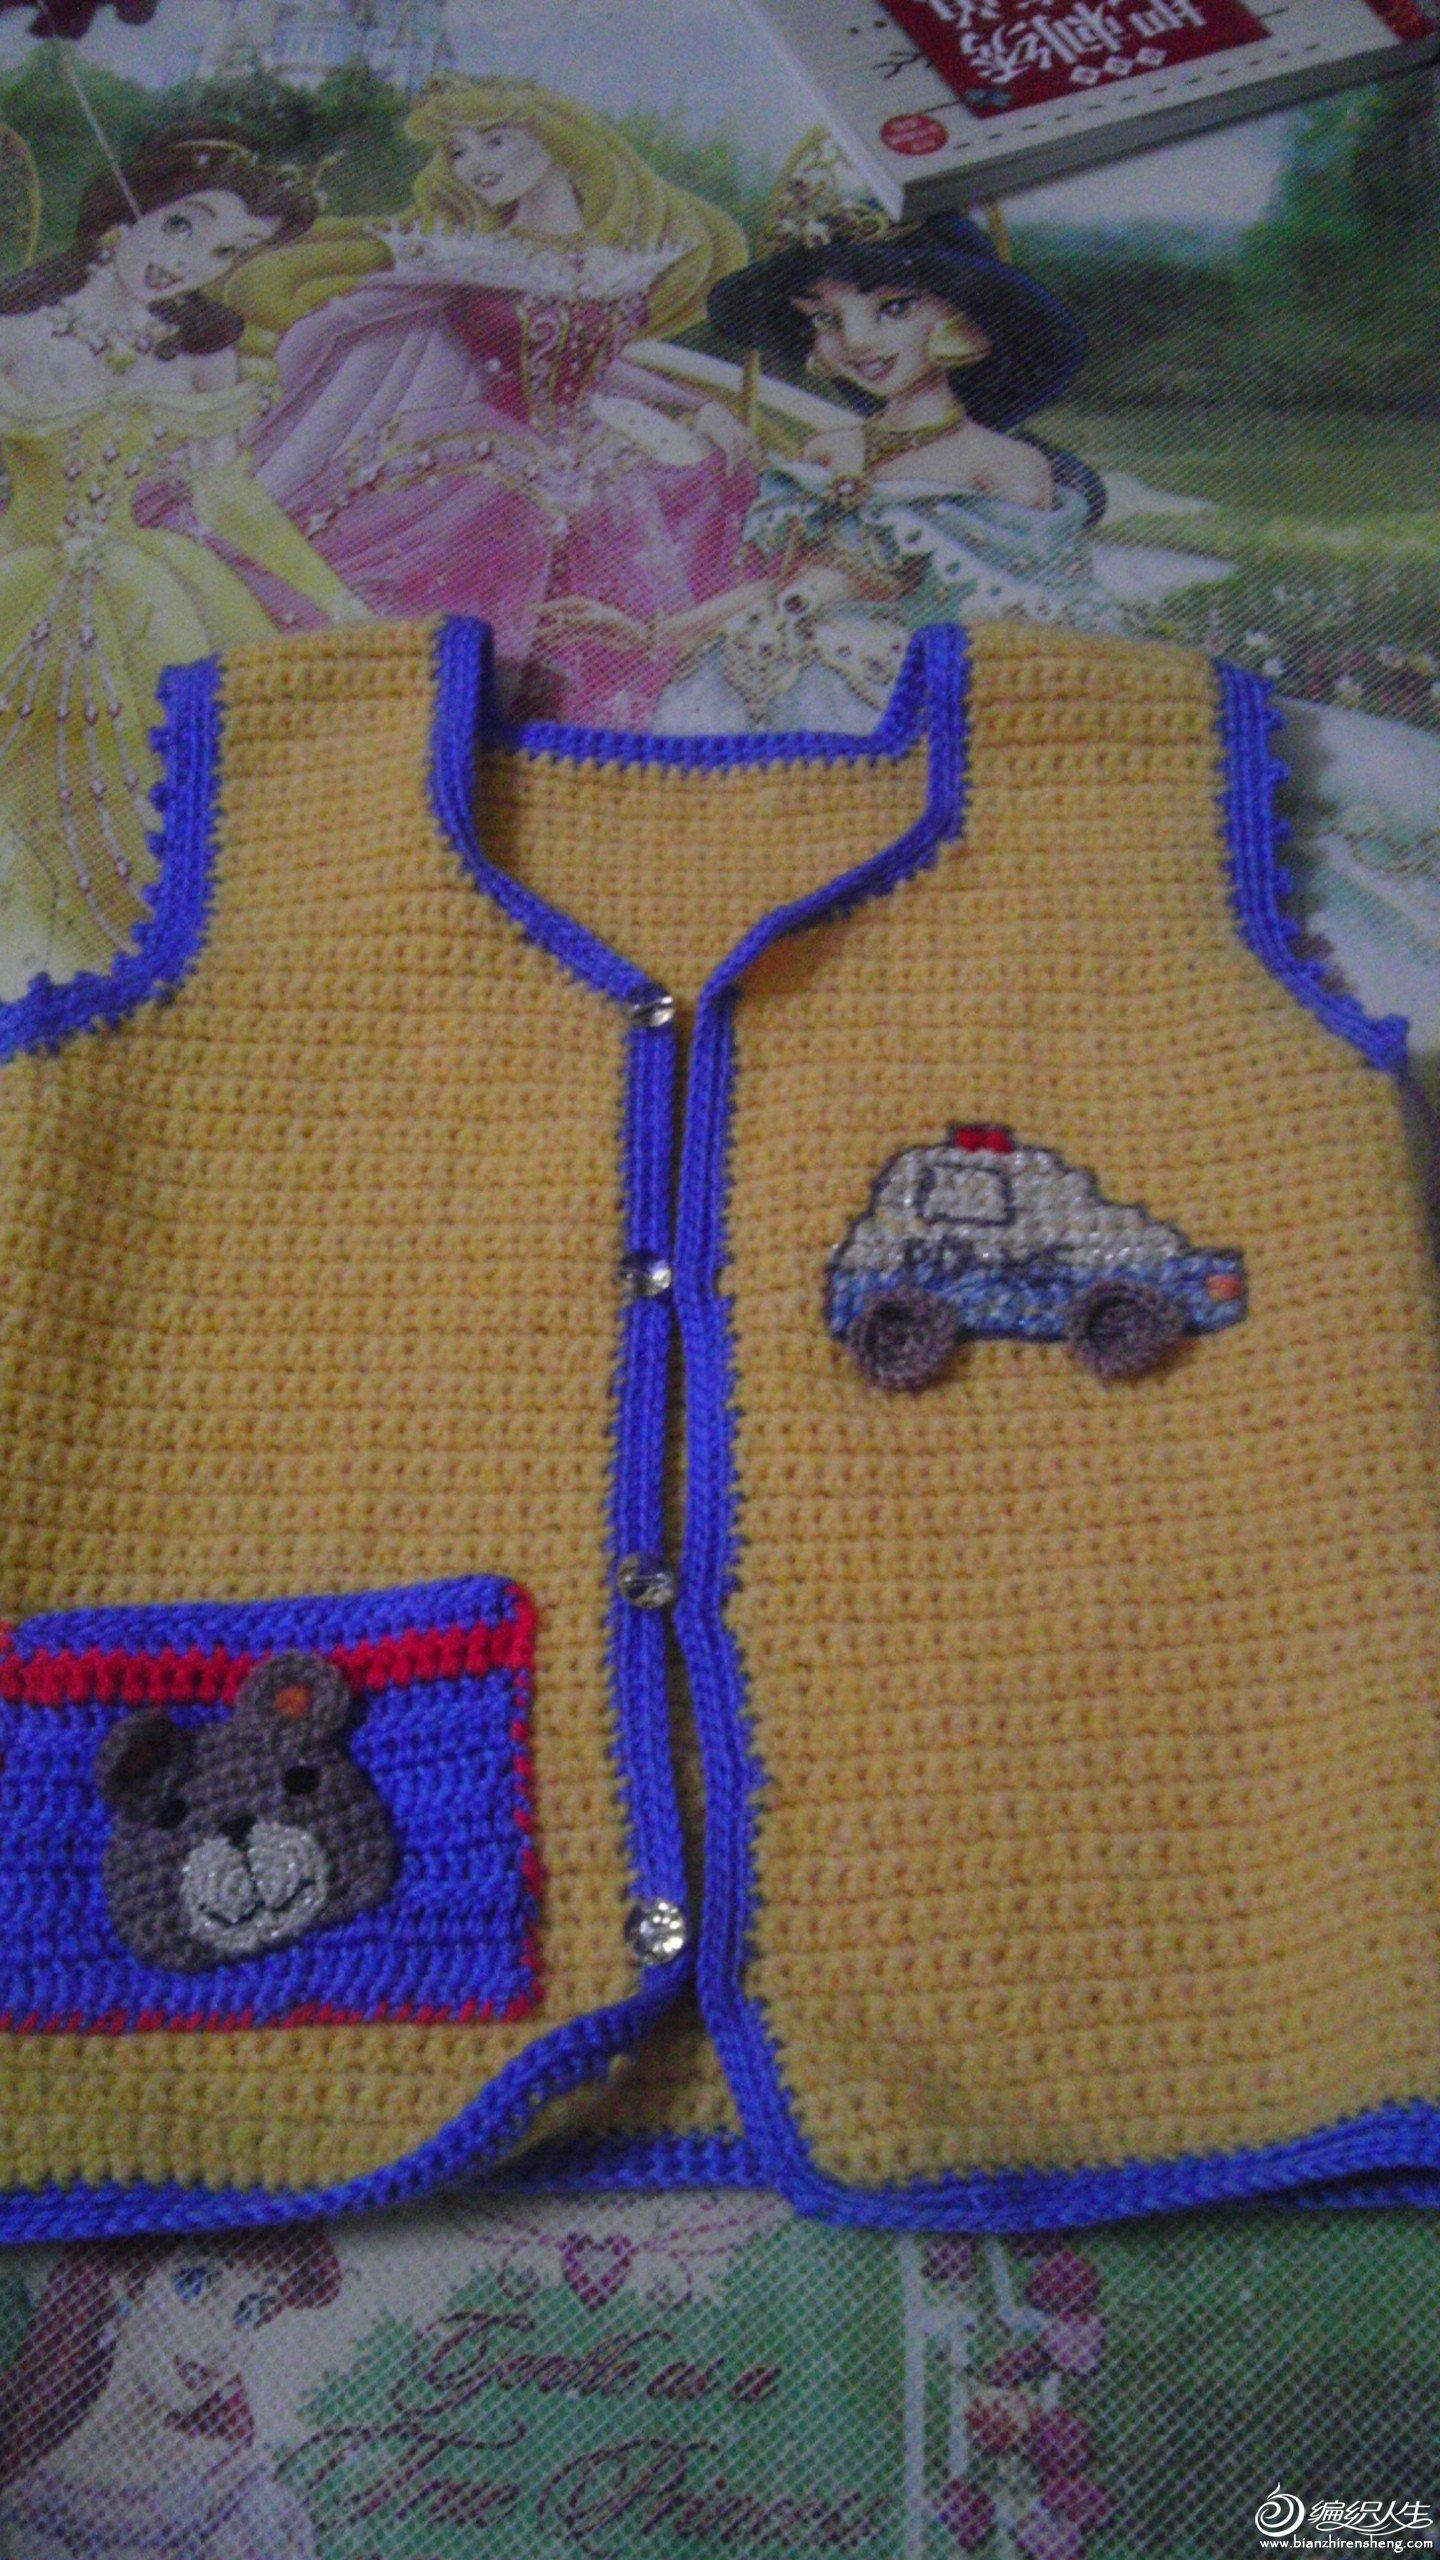 给小B的衣衣,有他喜欢的车车与小熊